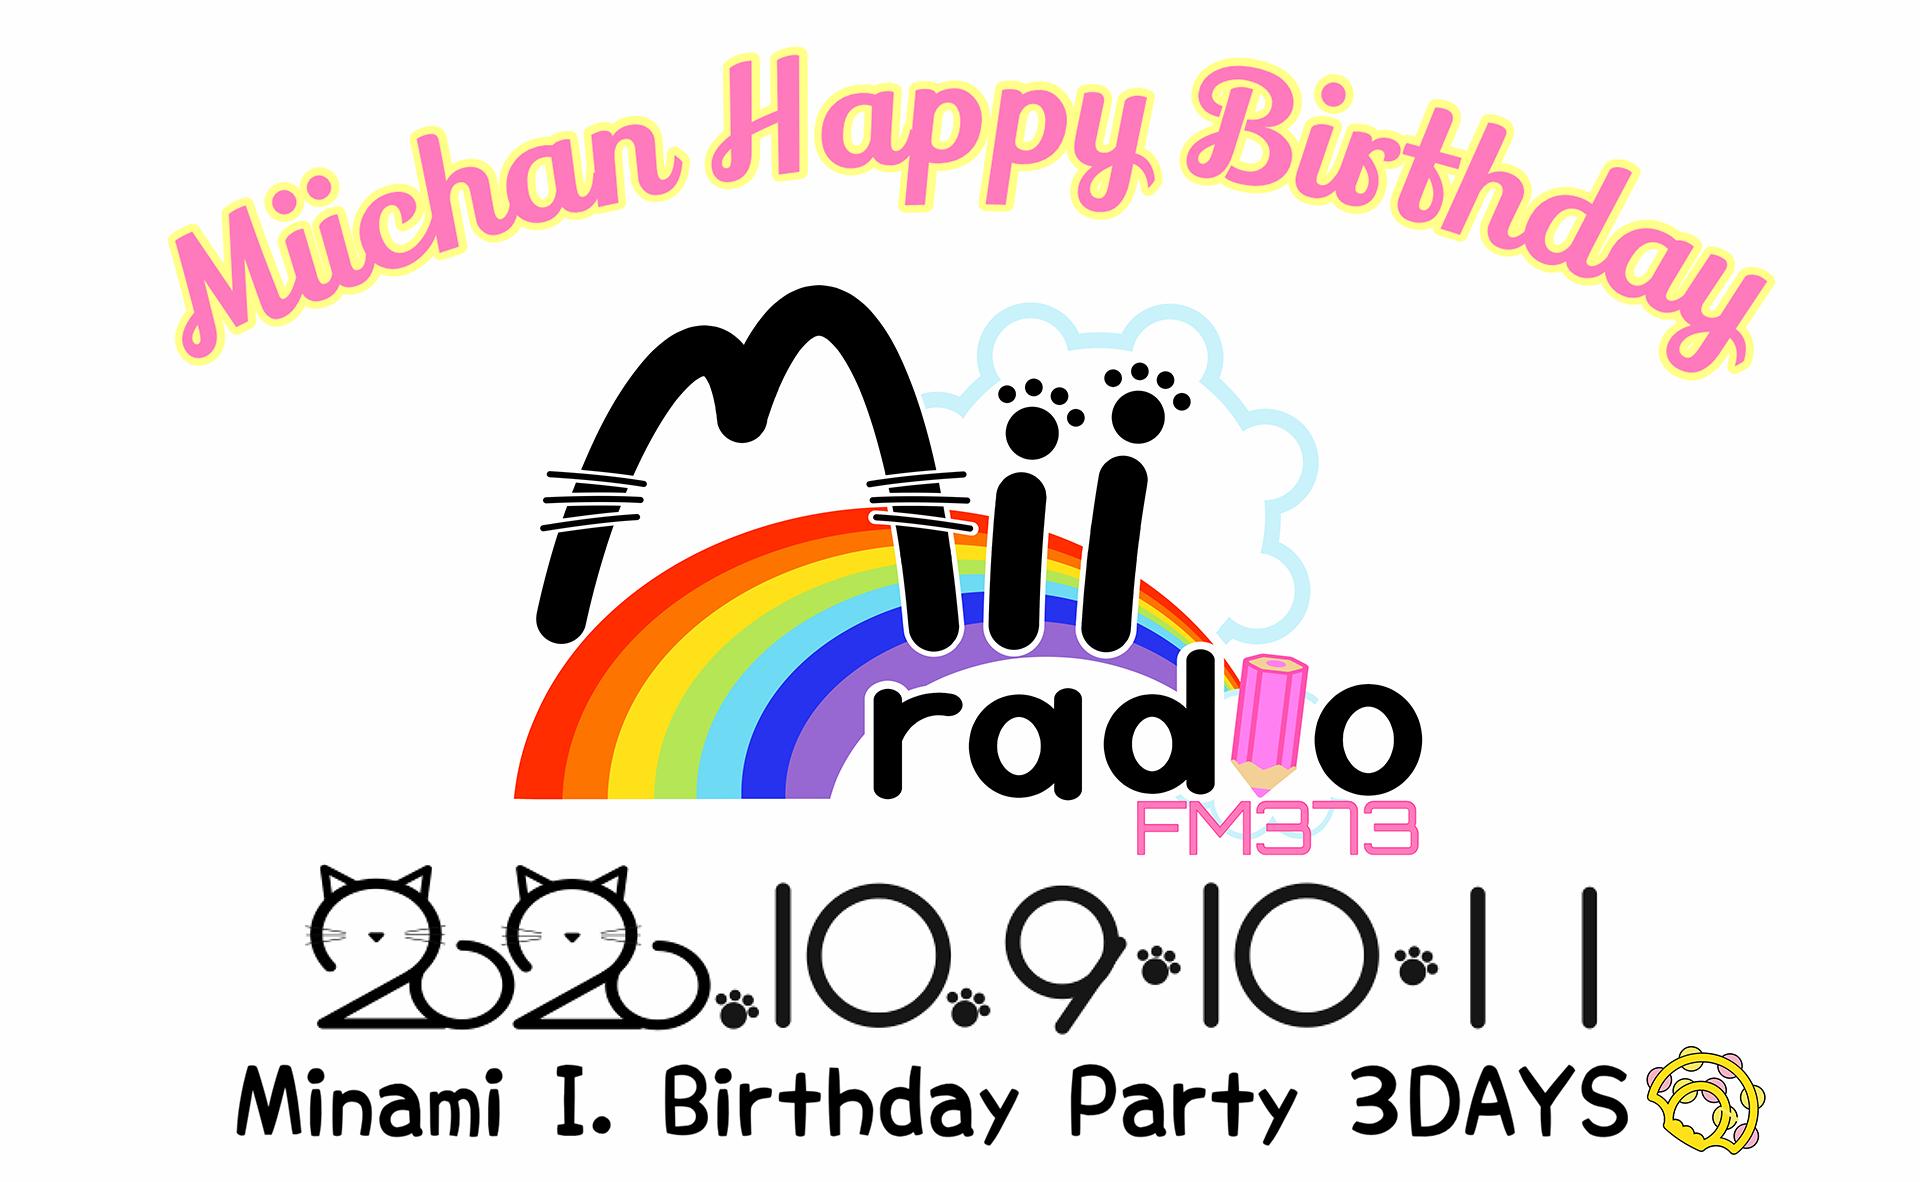 石田みなみ生誕祭3DAYSロゴ